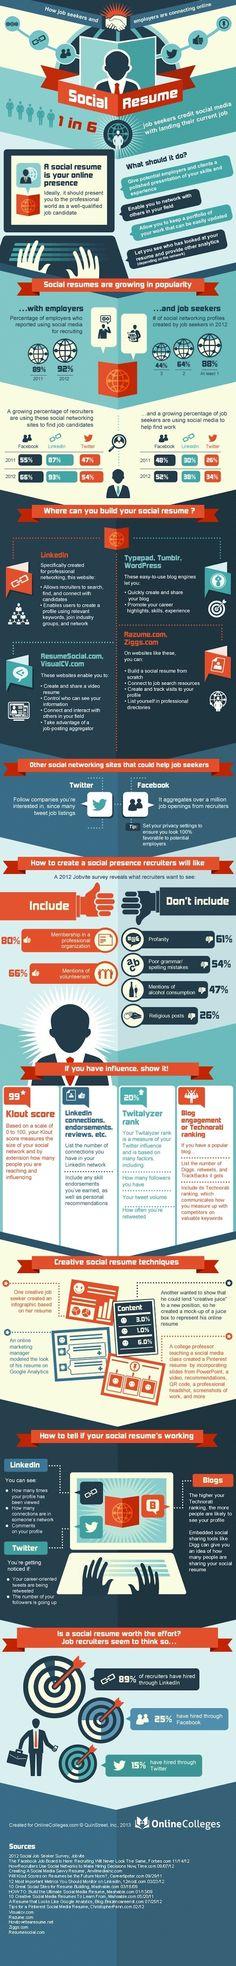 infographie social resume (OnlineColleges) - comment bien tirer parti des médias sociaux dans une recherche d'emploi. Ces chiffres concernent en particulier le marché américain.